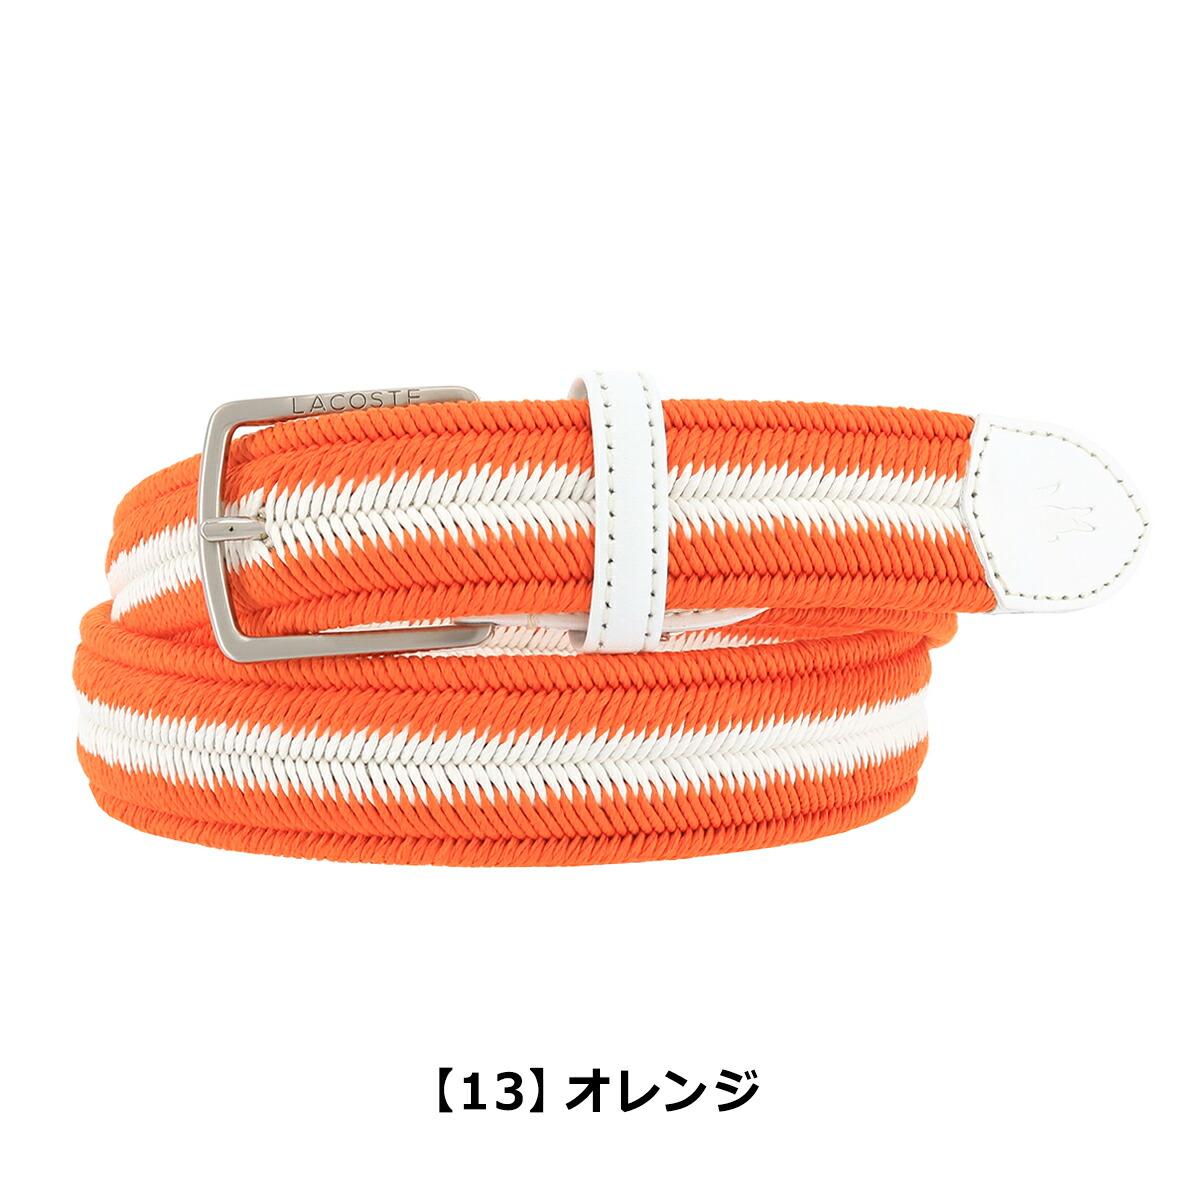 【13】オレンジ